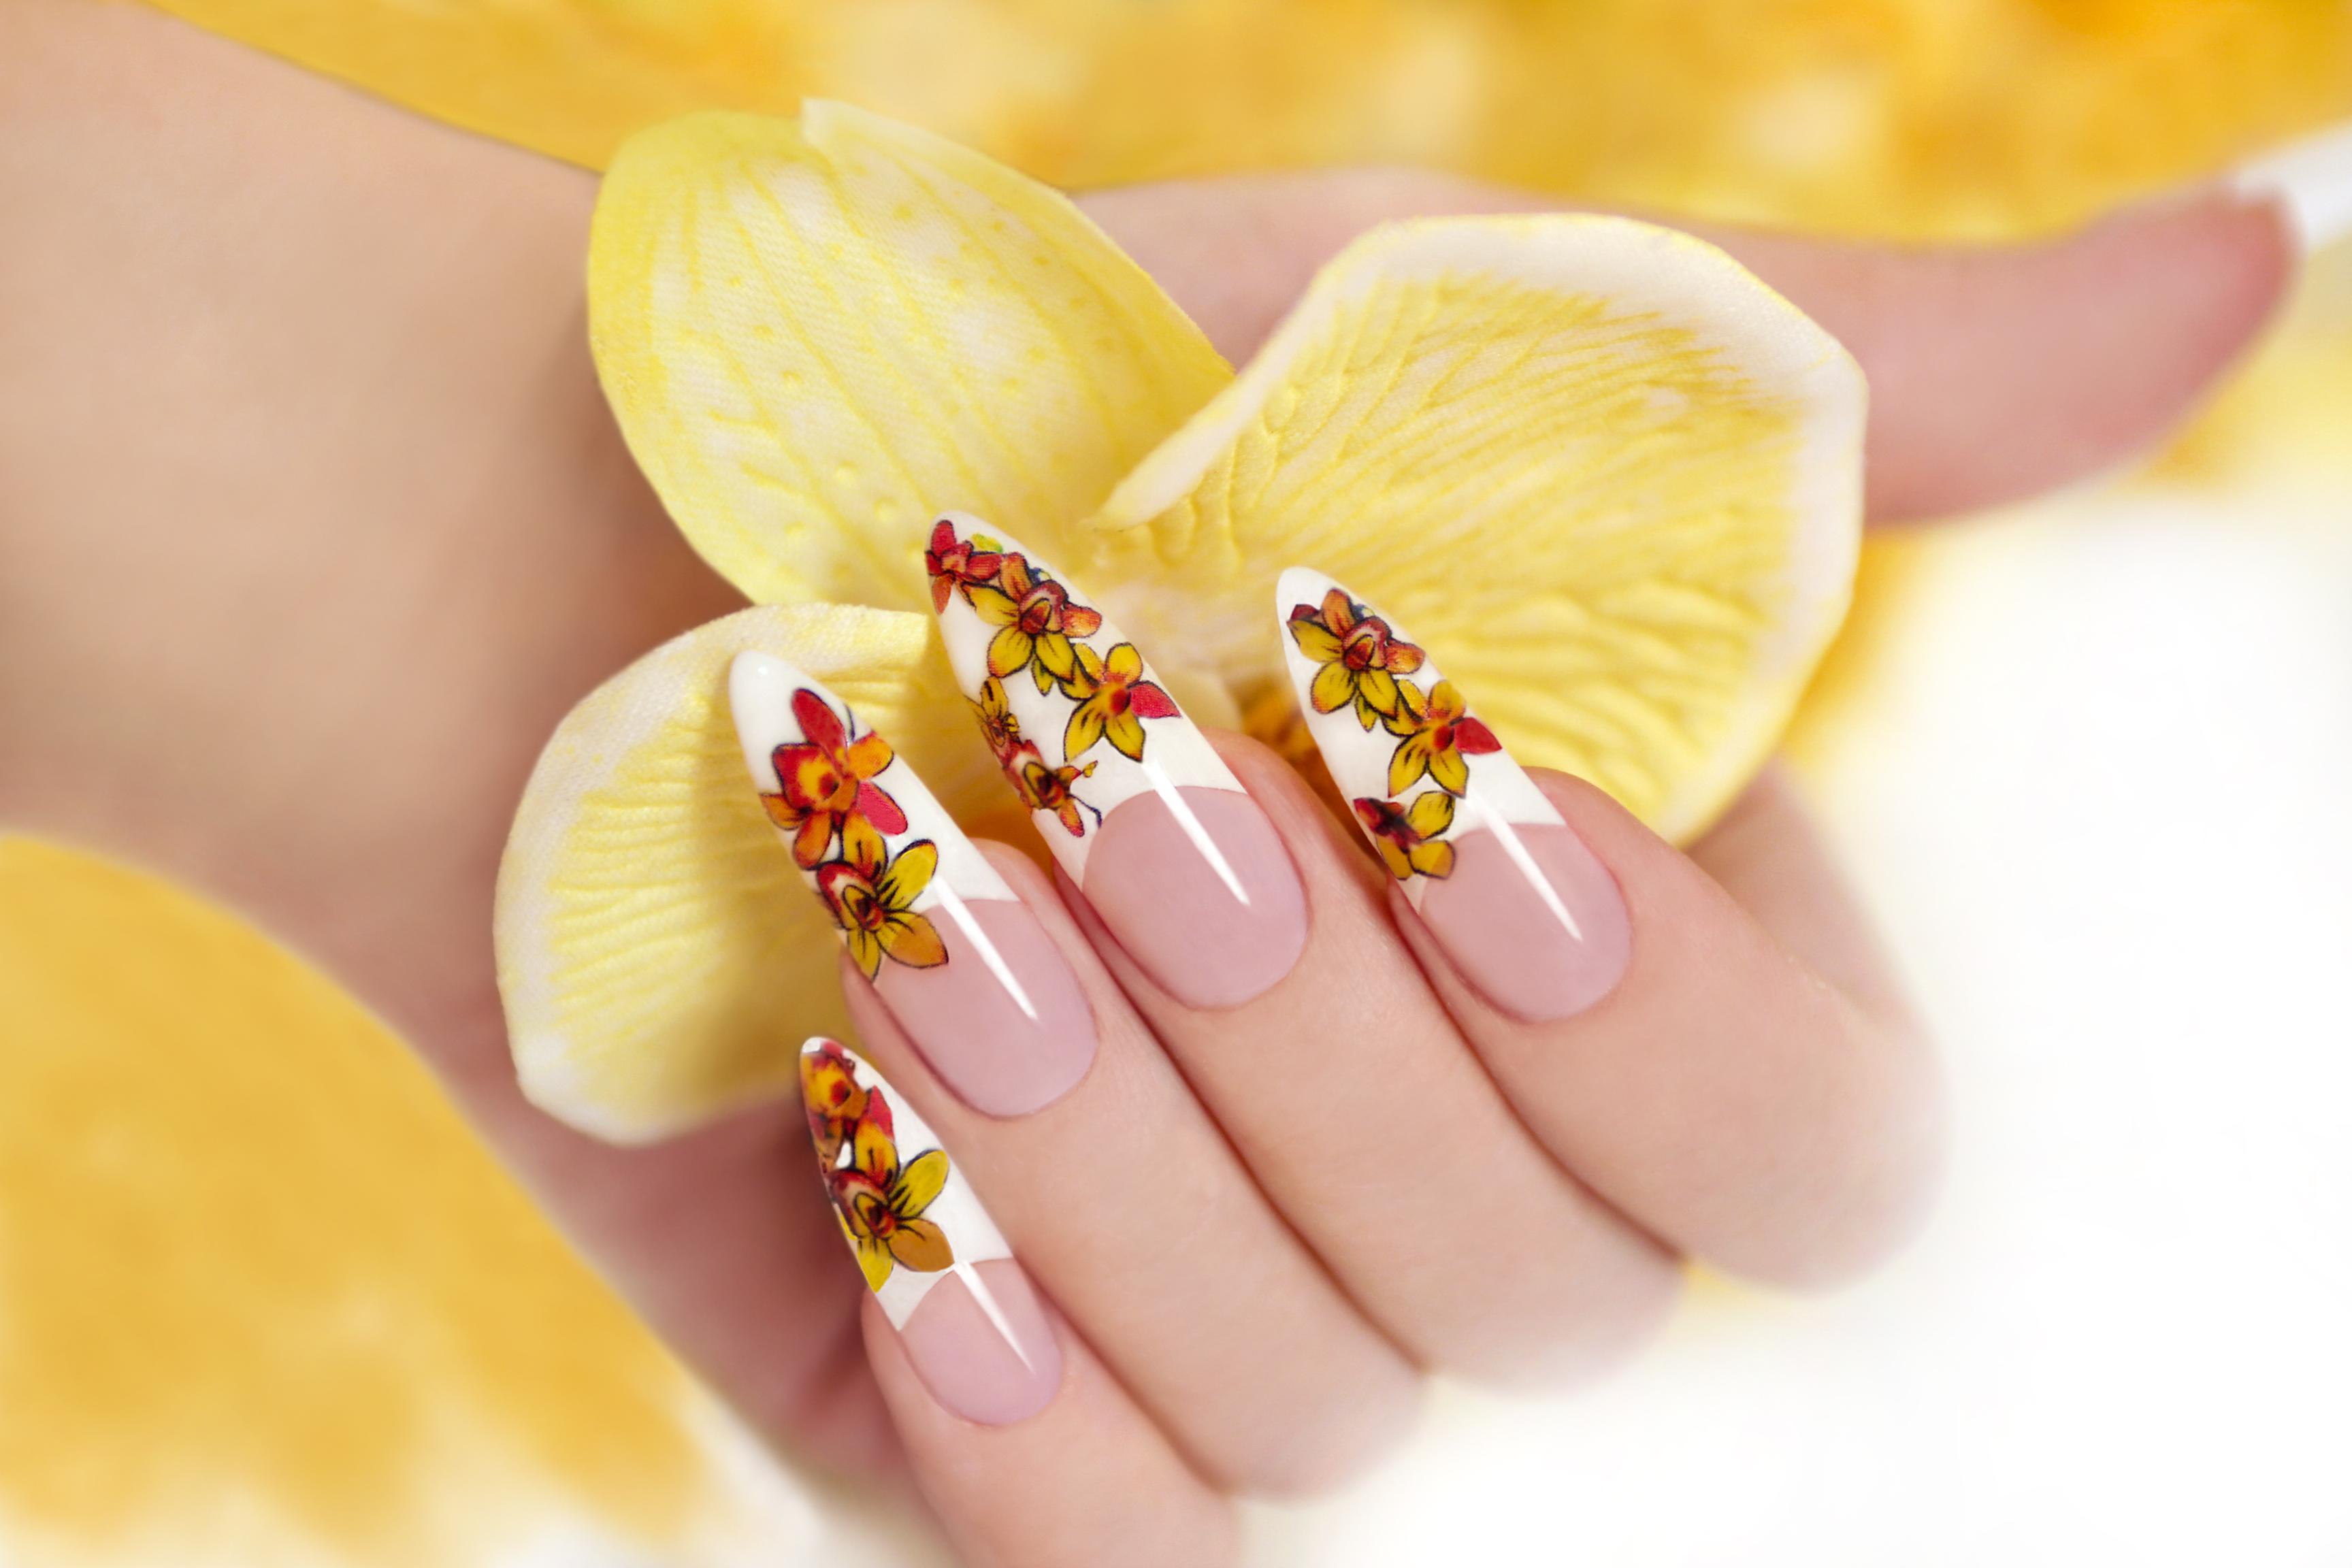 Creative-nail-design.jpg